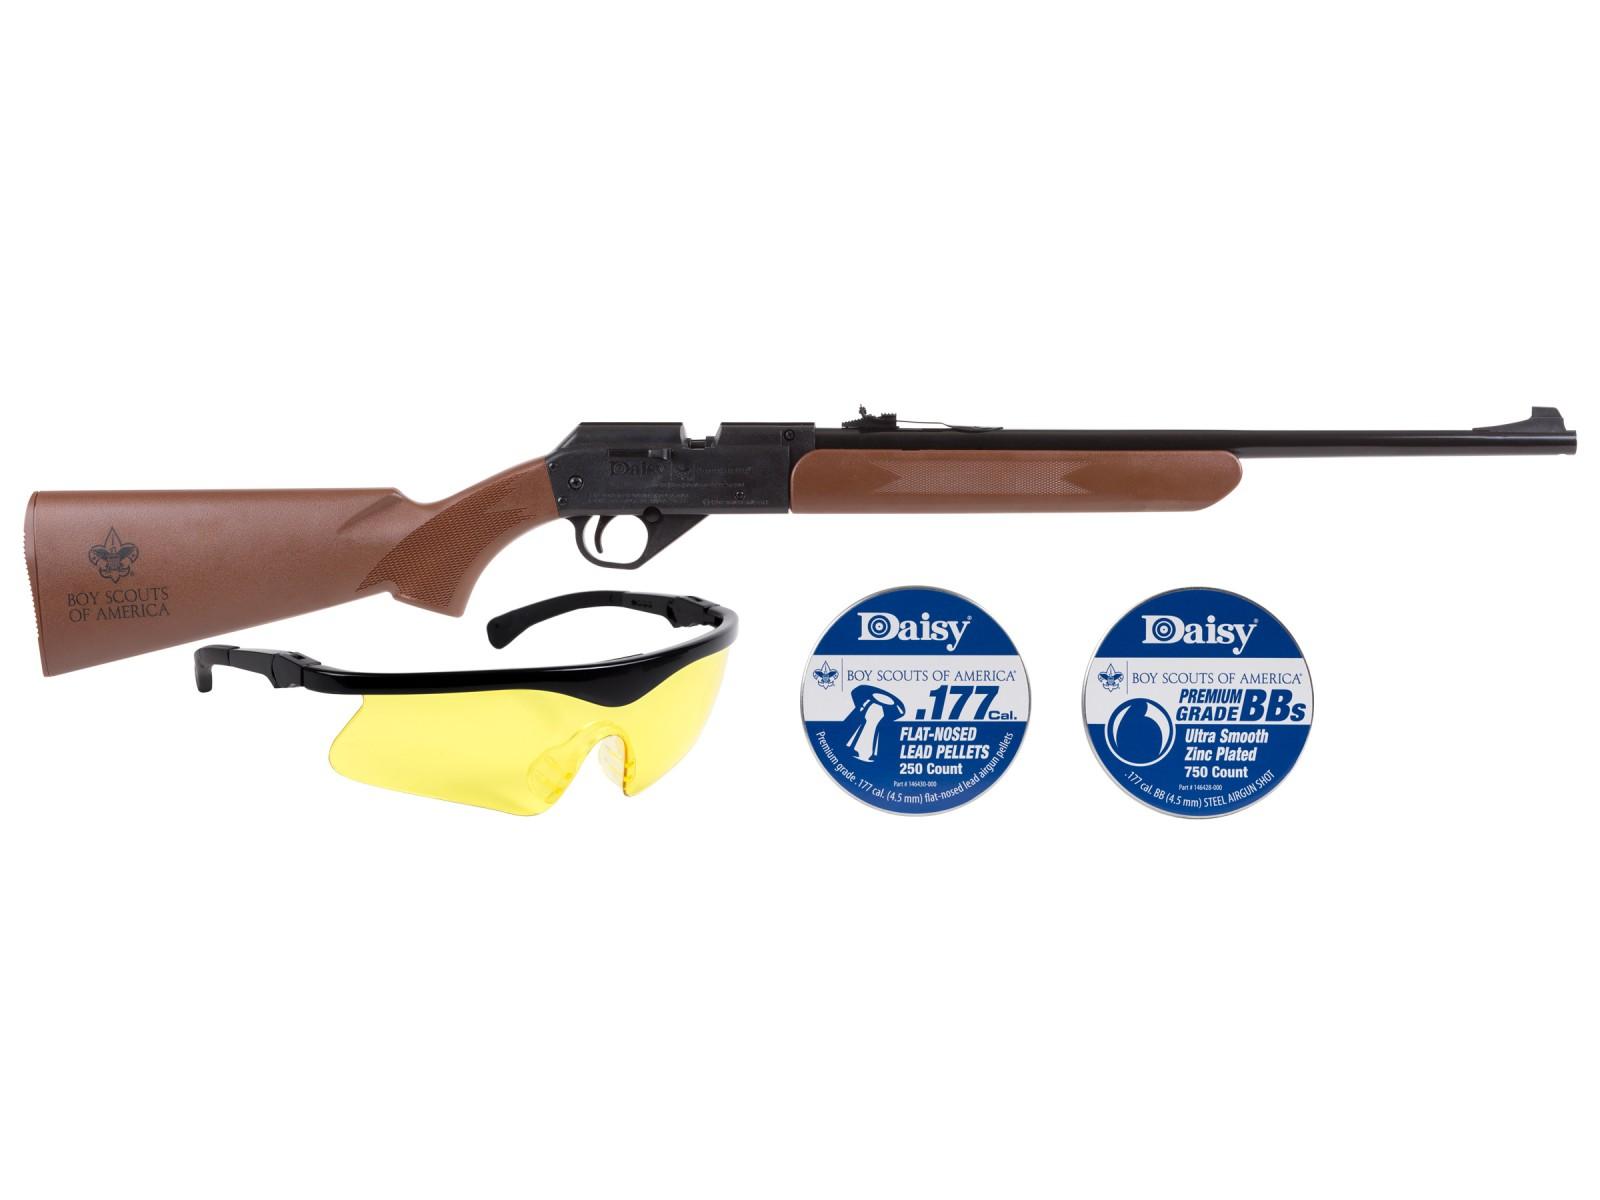 Cheap Boys Scouts Of America Model 1910 BB Gun Kit 0.177